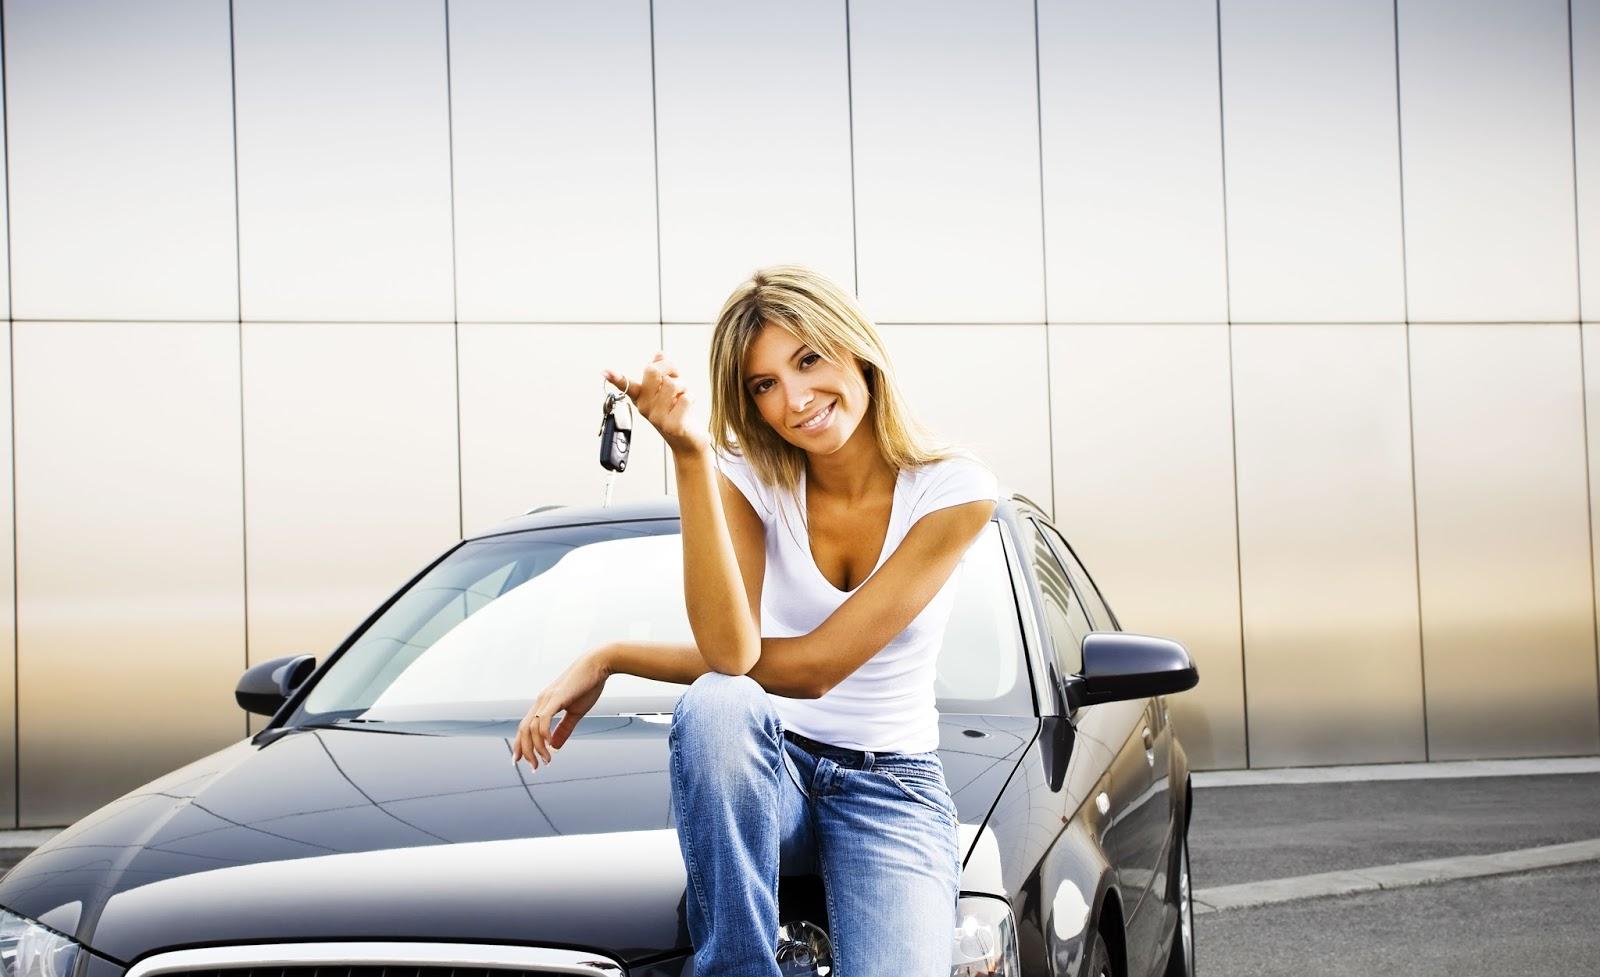 location Αγορά αυτοκινήτου ή leasing; leasing, αγορά, πωλήσεις